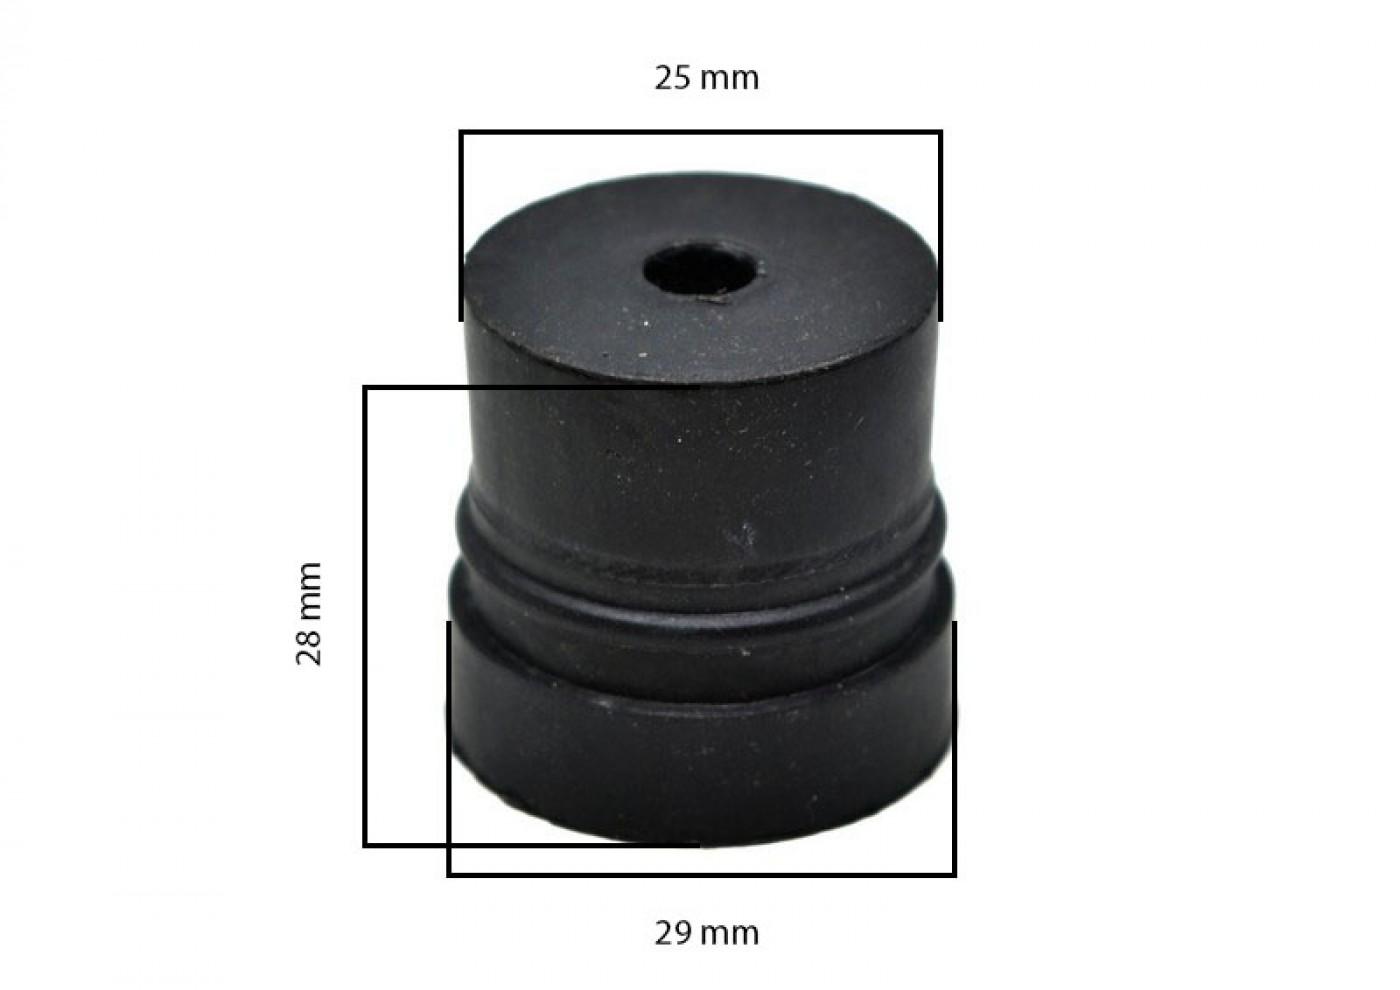 Silenblok Stihl MS260 MS240 026 024 MS380 MS381 MS880 TS400 - 1121 790 9912